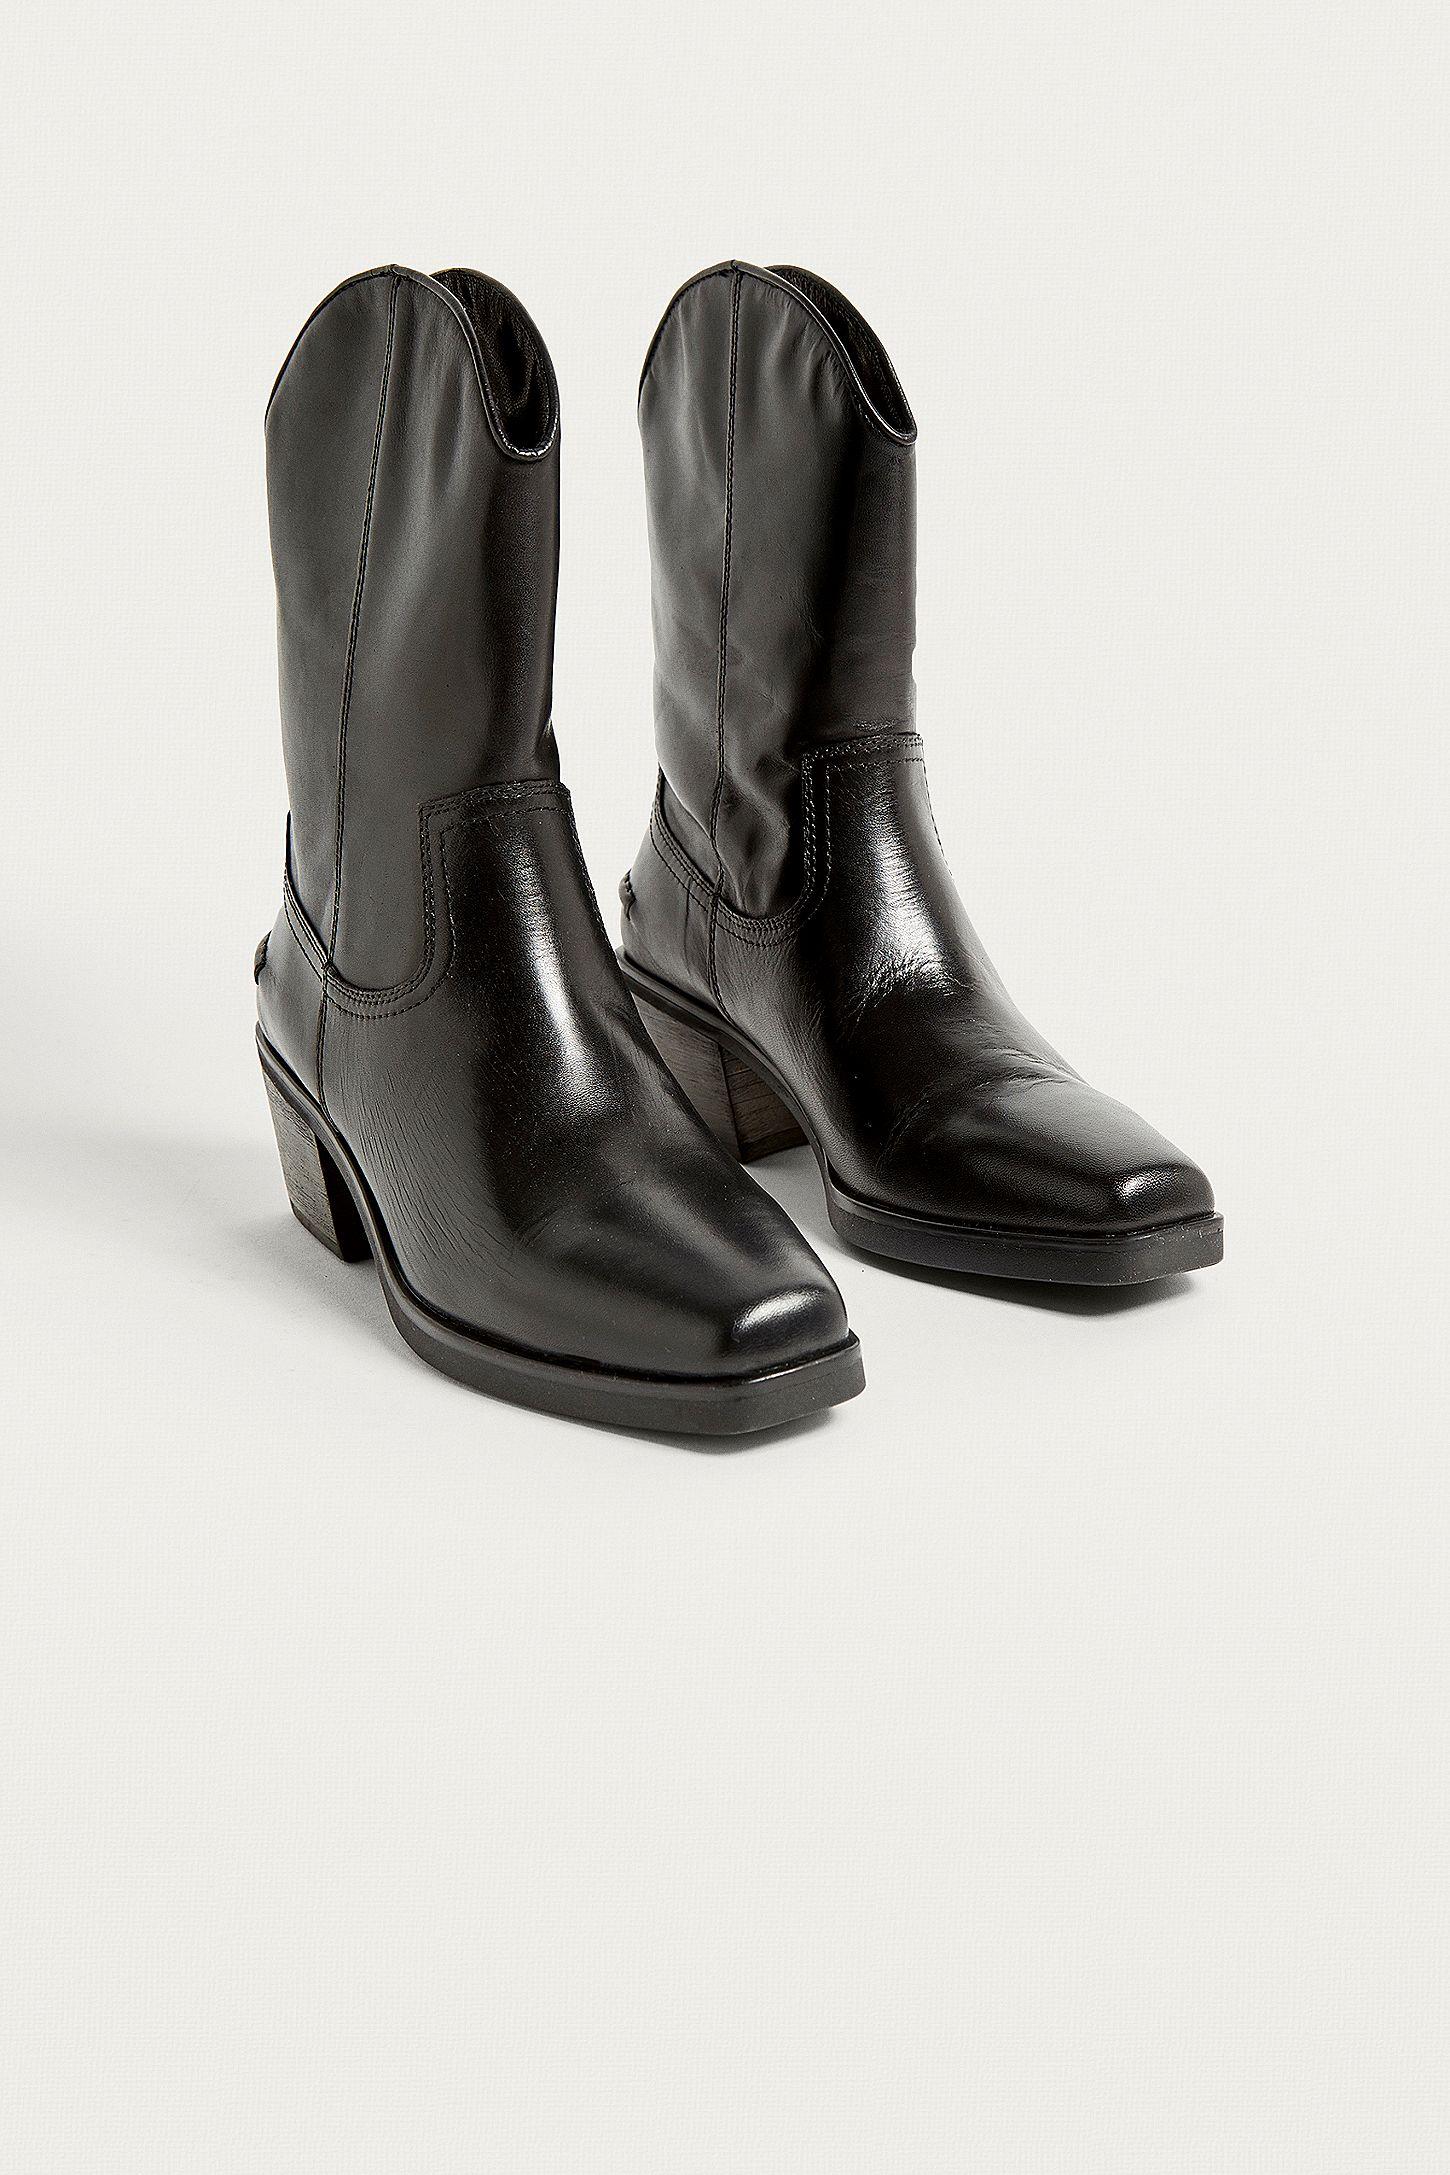 1f7fecafef4 Vagabond Simone Black Leather Cowboy Boots